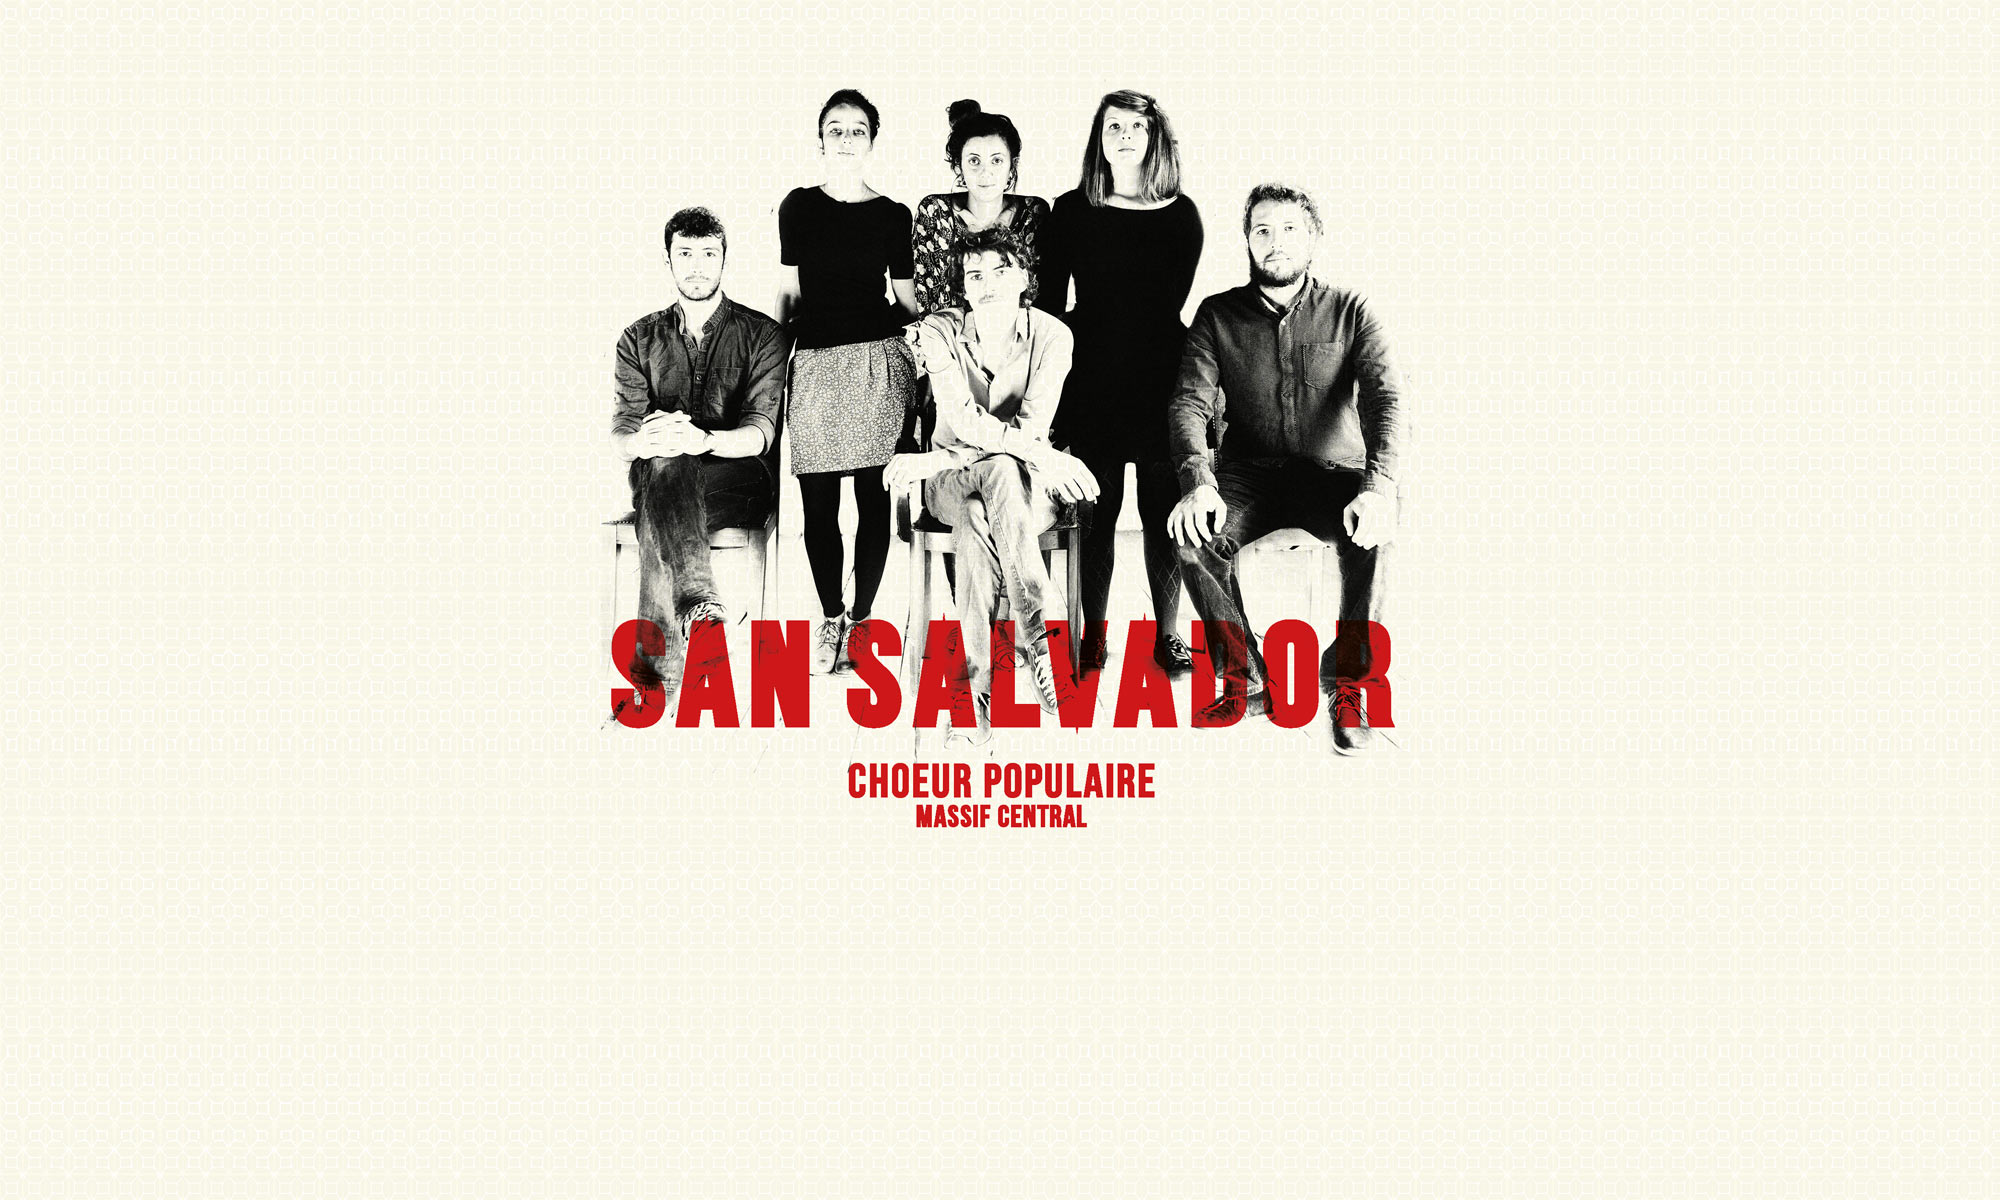 San Salvador Musique